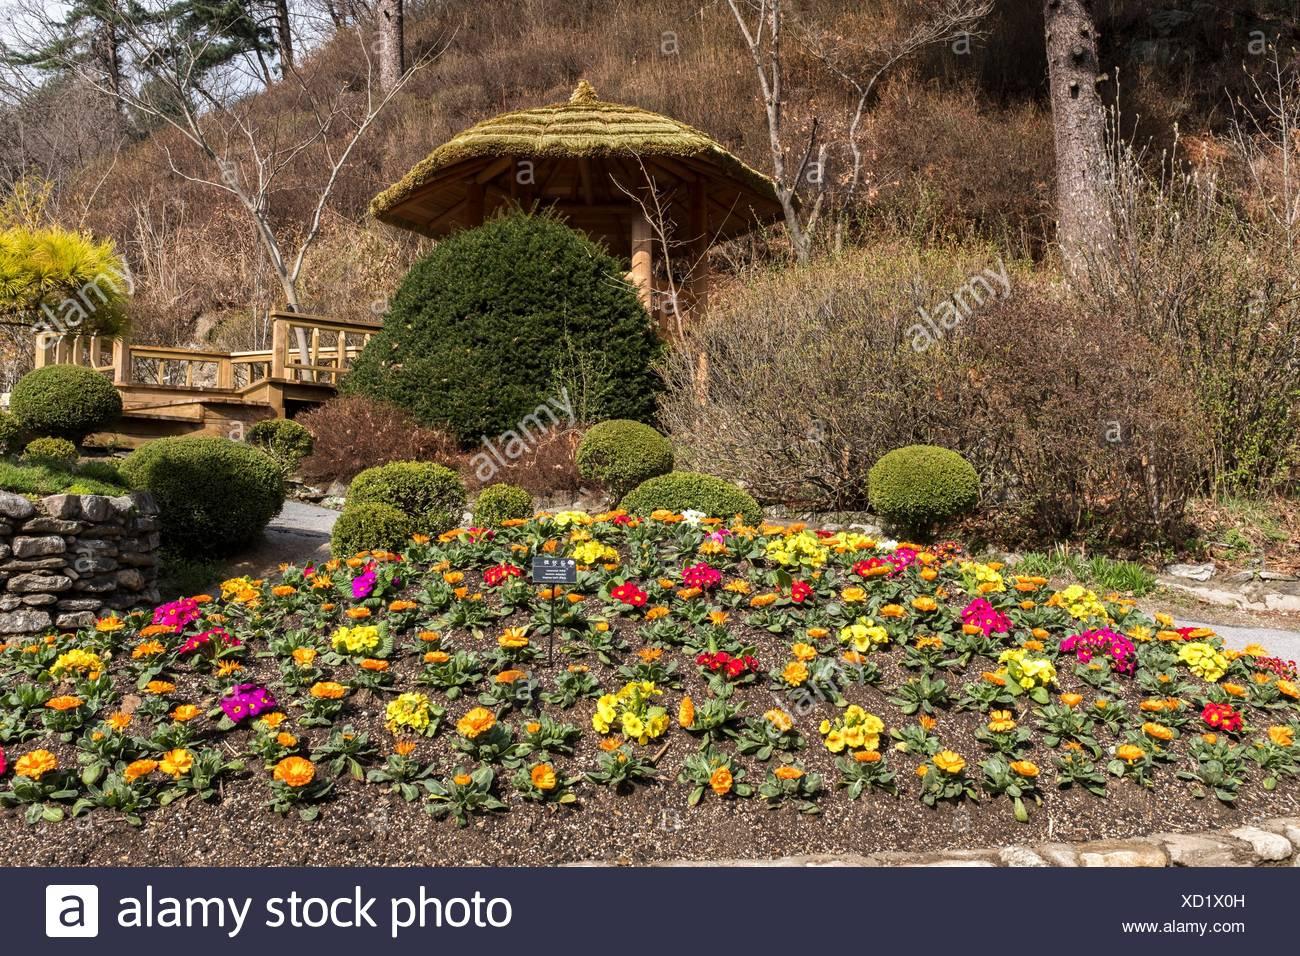 South Korea Garden Stock Photos & South Korea Garden Stock Images ...